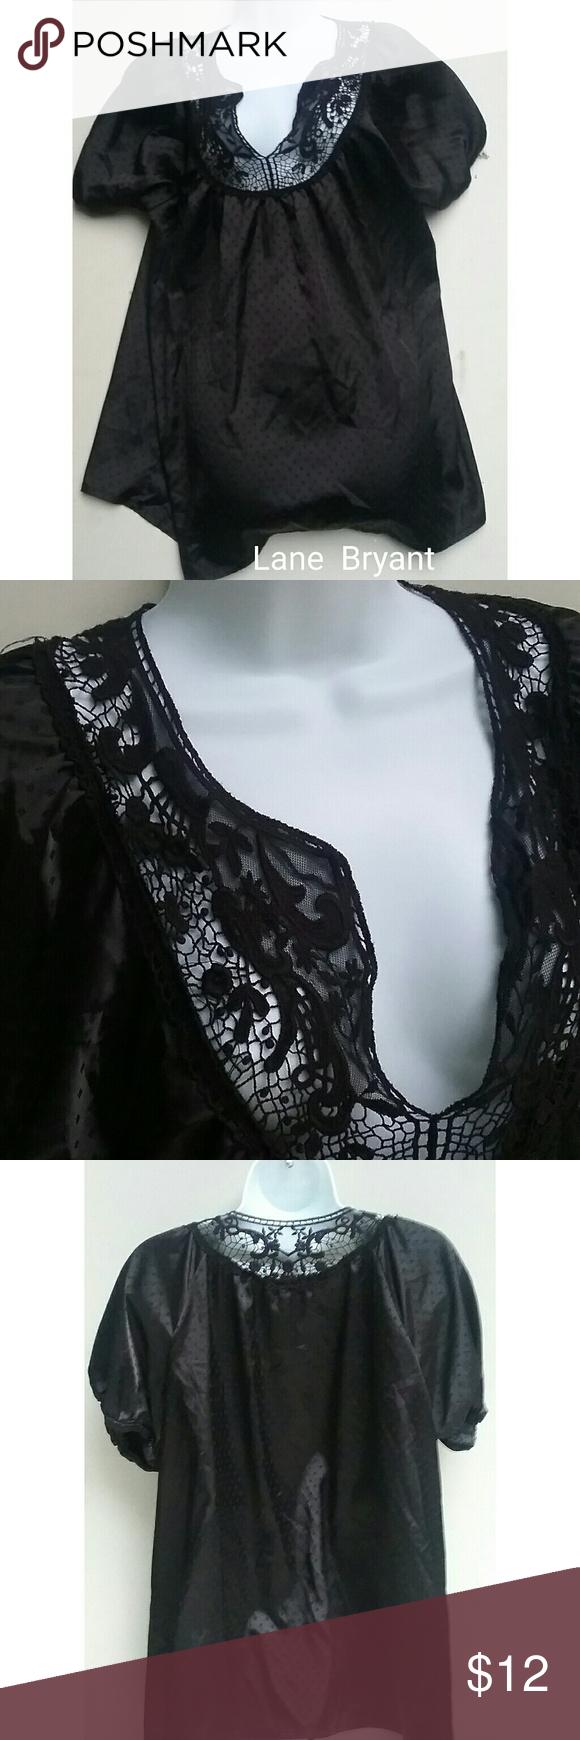 Lane bryant black lace top size diamond pattern black laces